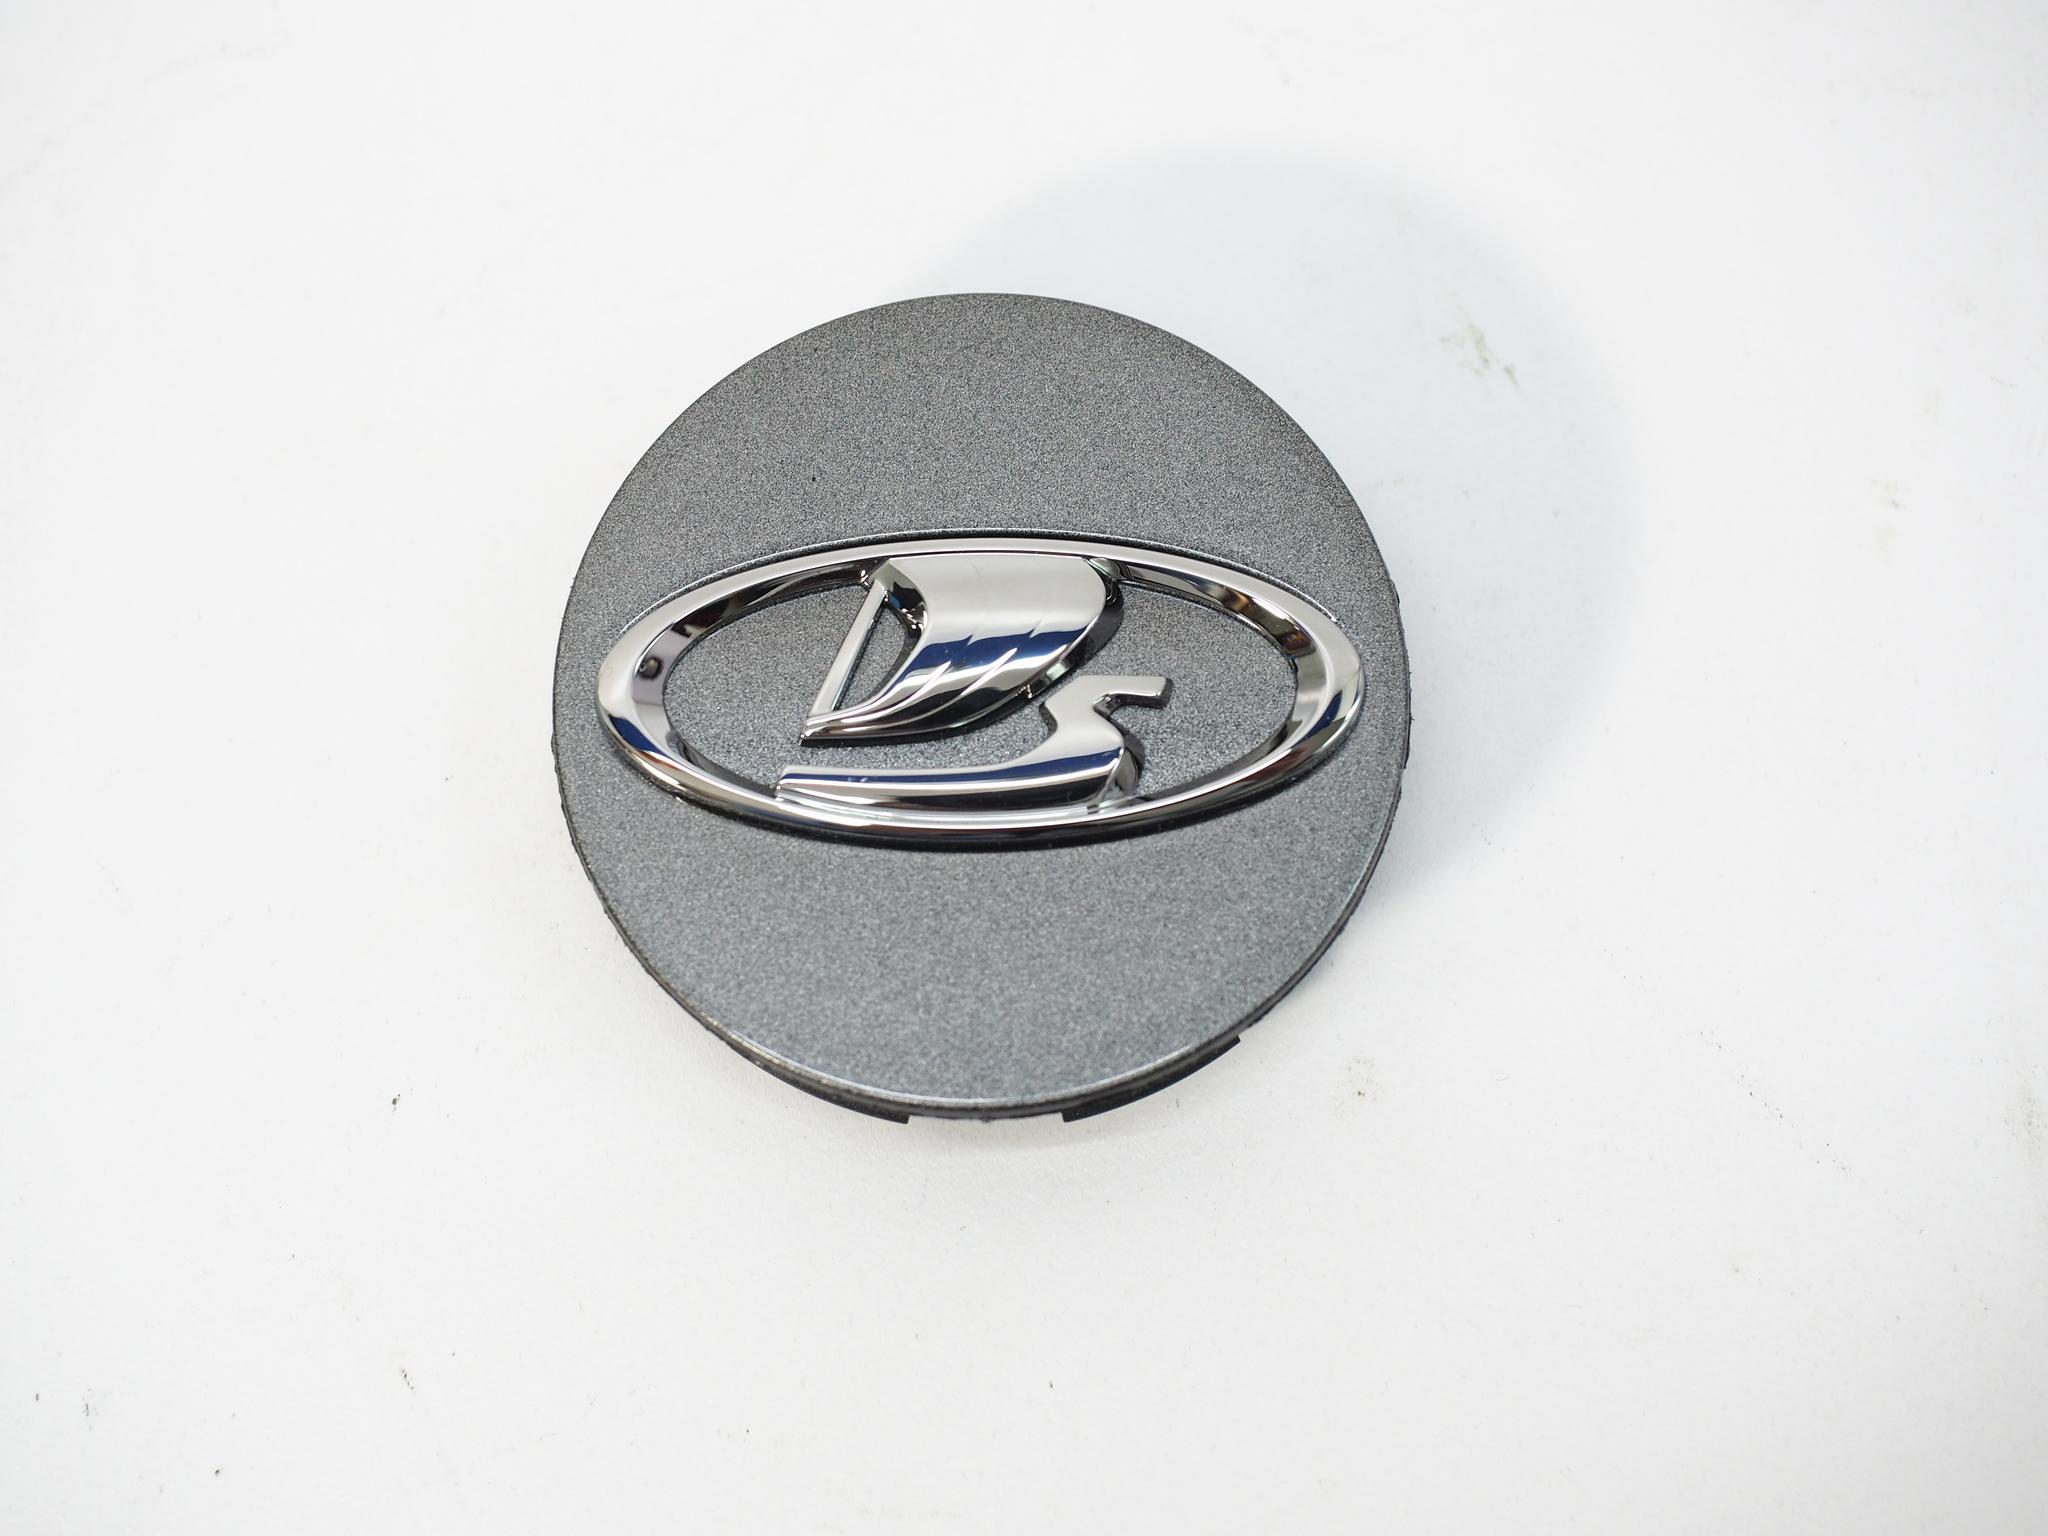 Колпачок Lada темно серый для литого диска с пружинкой Xray, Vesta sport